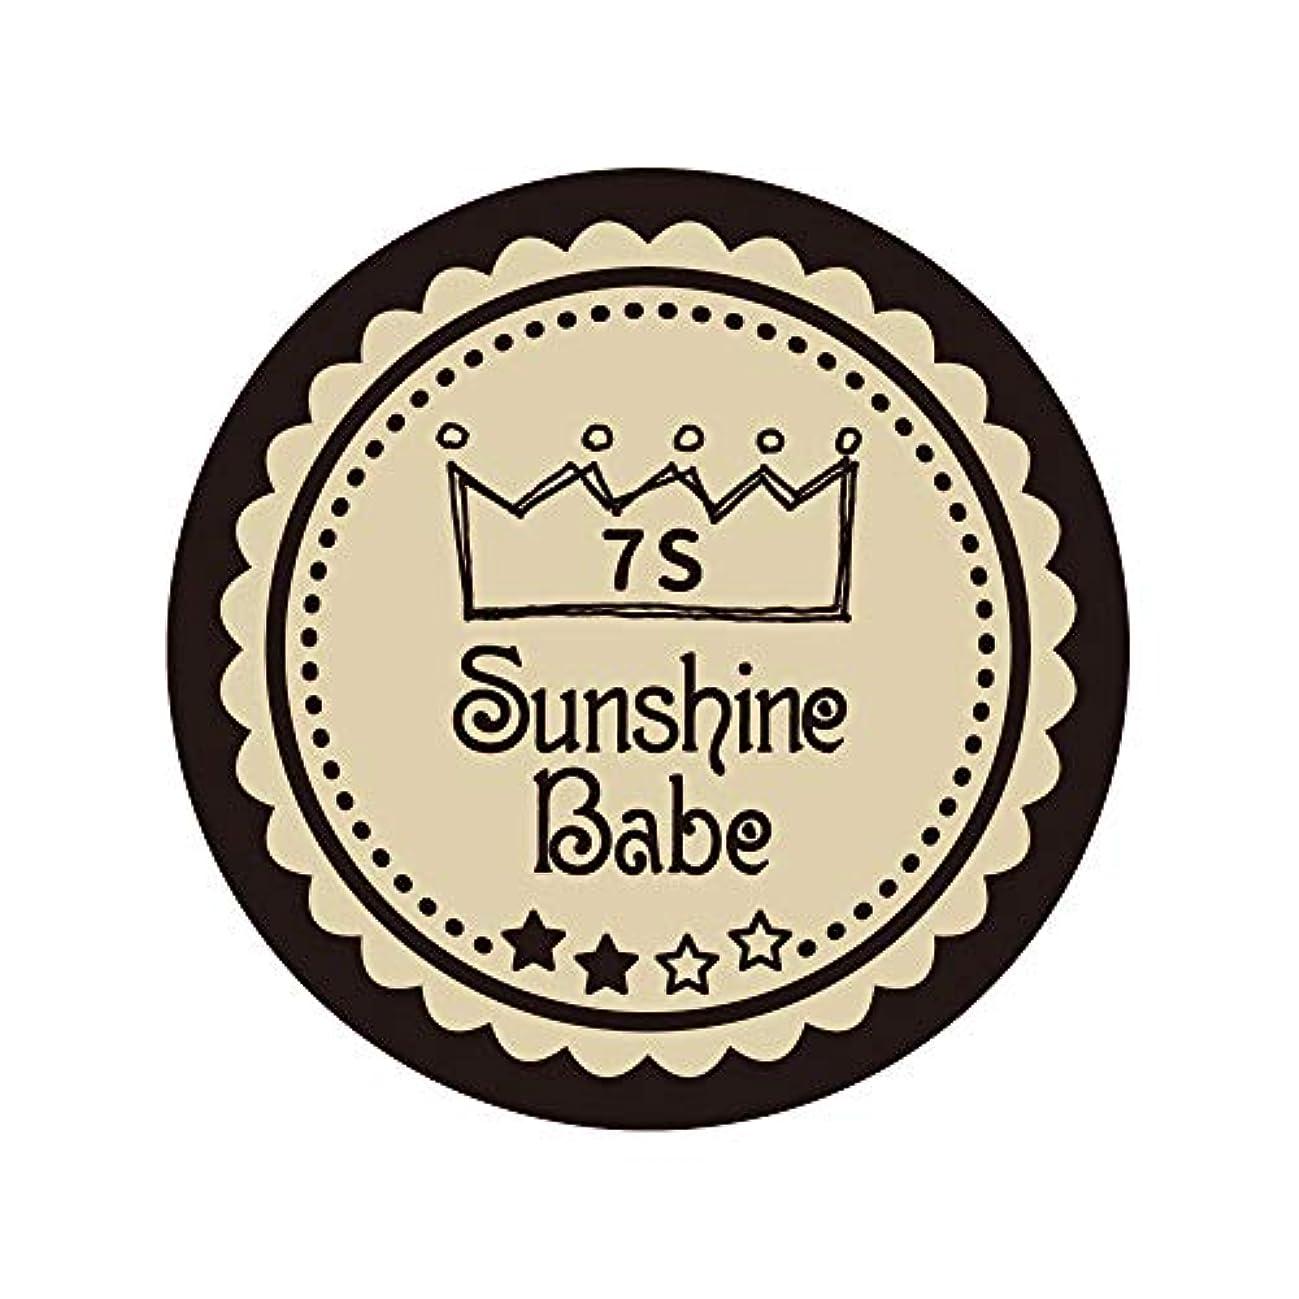 エンコミウム過ち社会主義者Sunshine Babe カラージェル 7S ウォームサンド 2.7g UV/LED対応